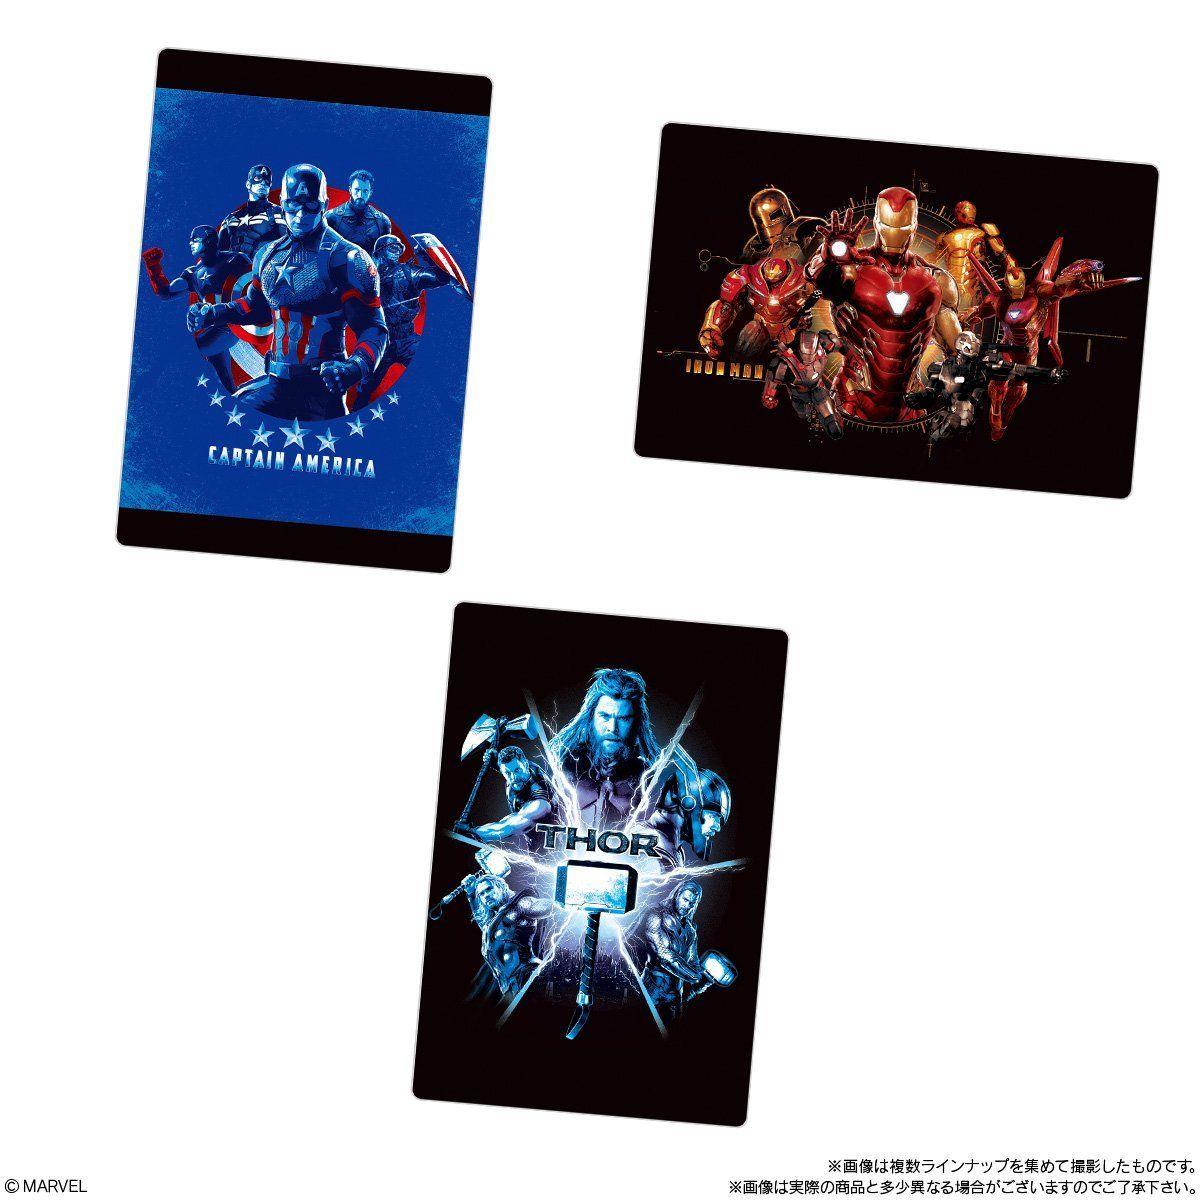 【食玩】マーベル・シネマティック・ユニバース『MARVEL Infinity SAGA / ウエハース』20個入りBOX-006